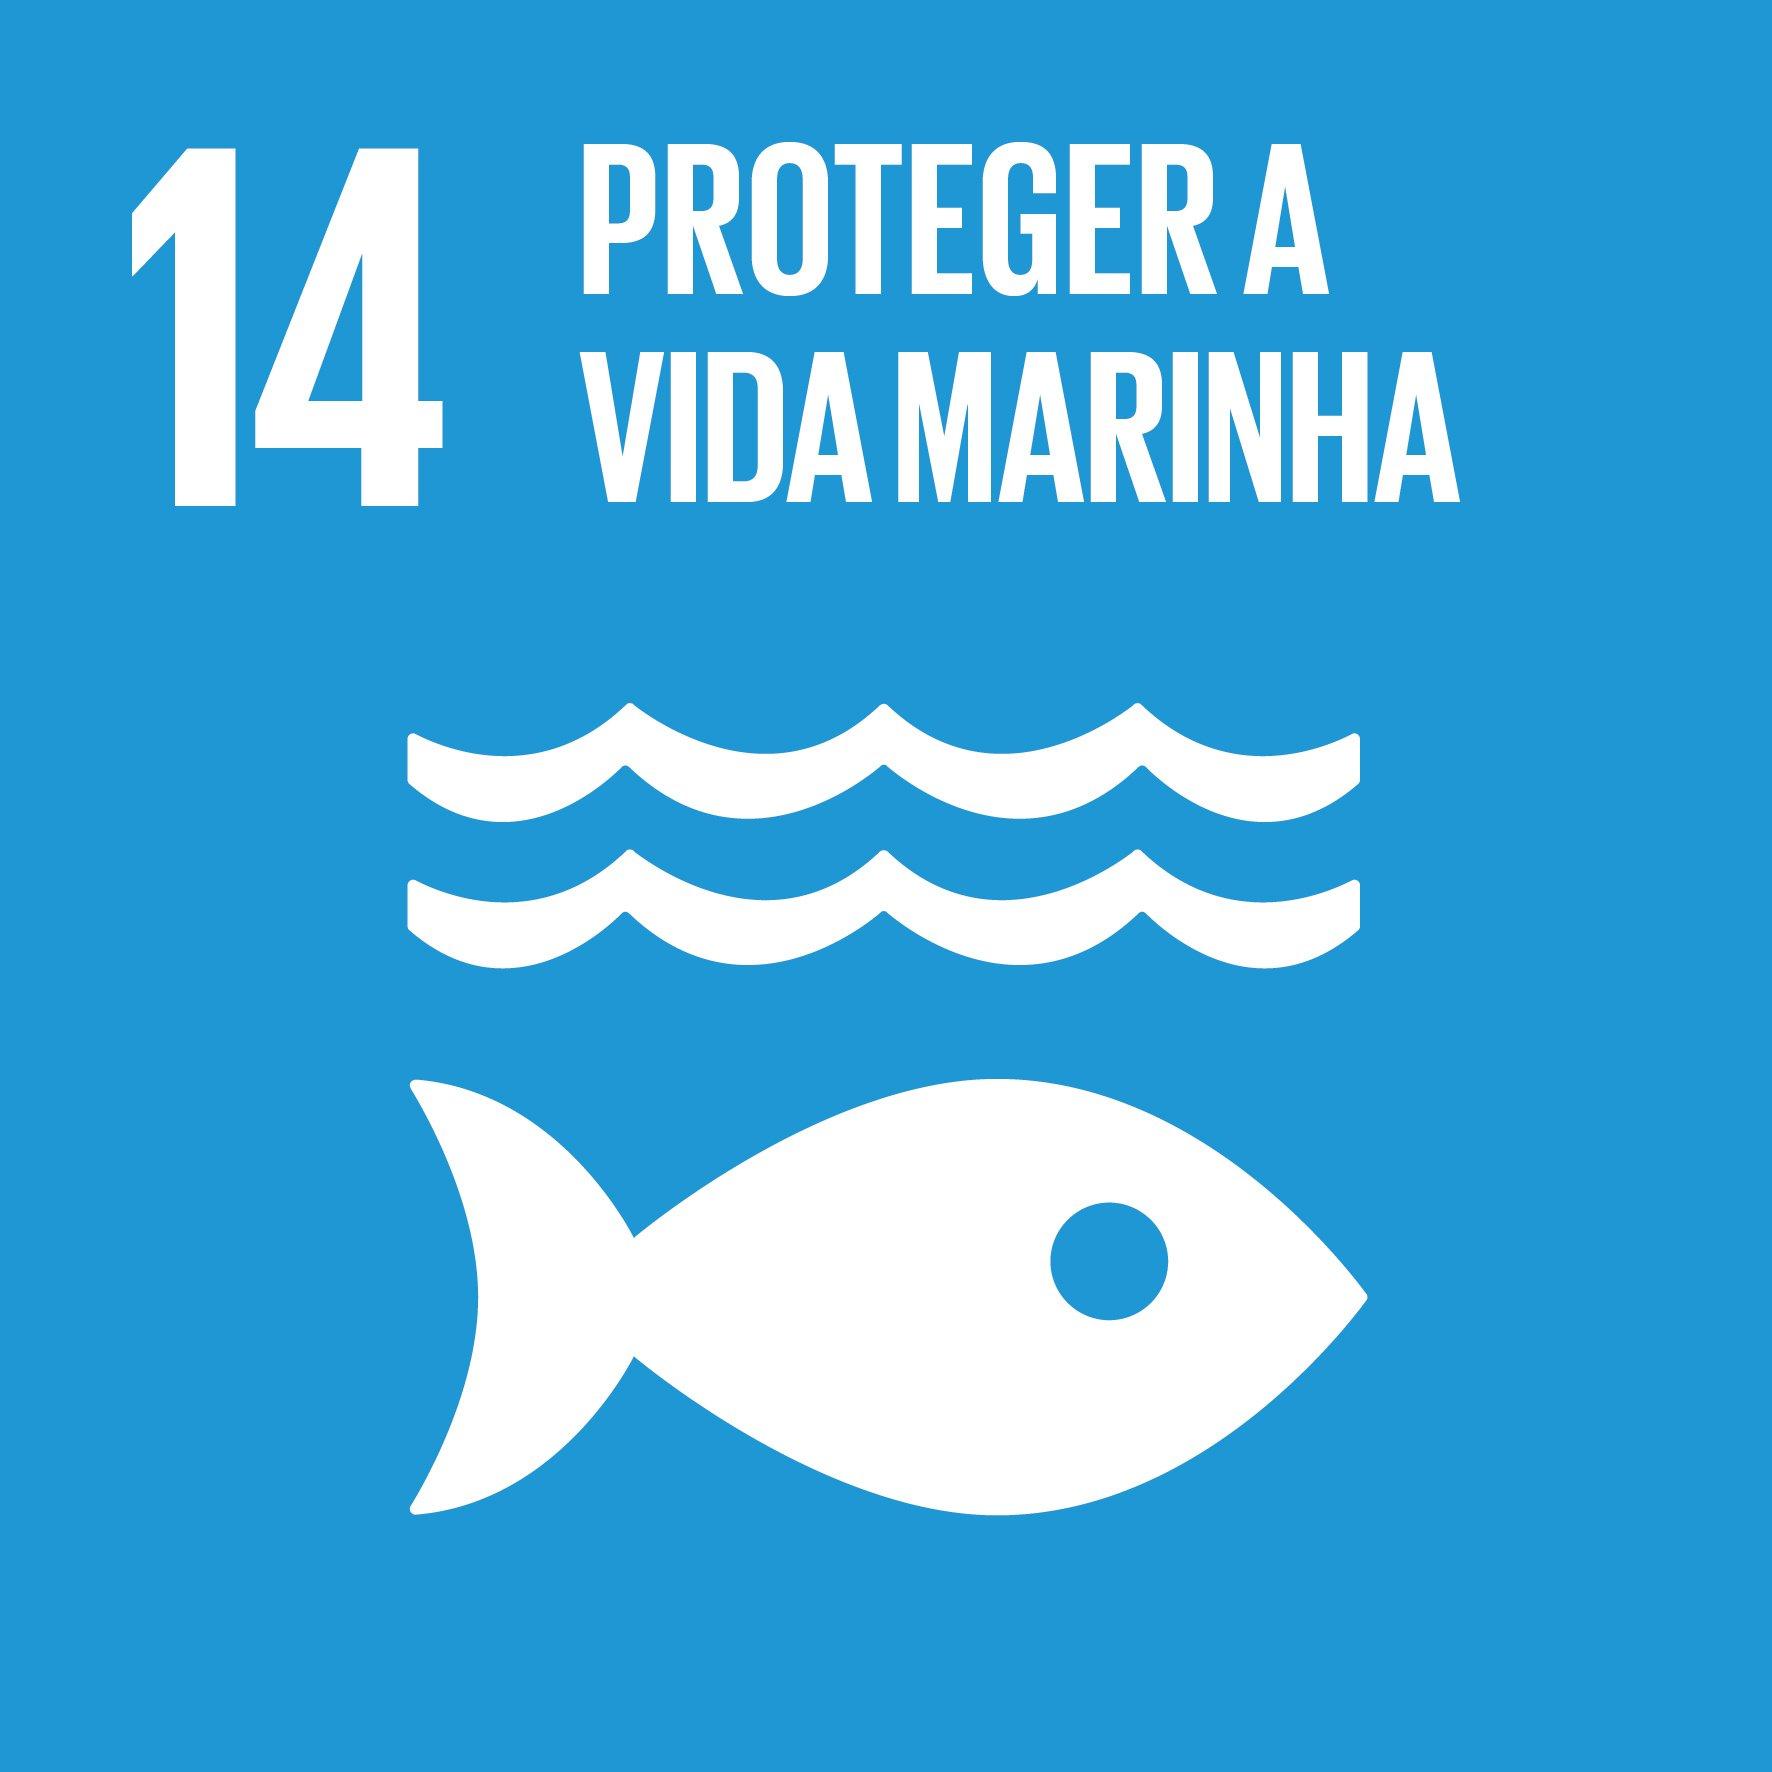 Proteger a vida marinha